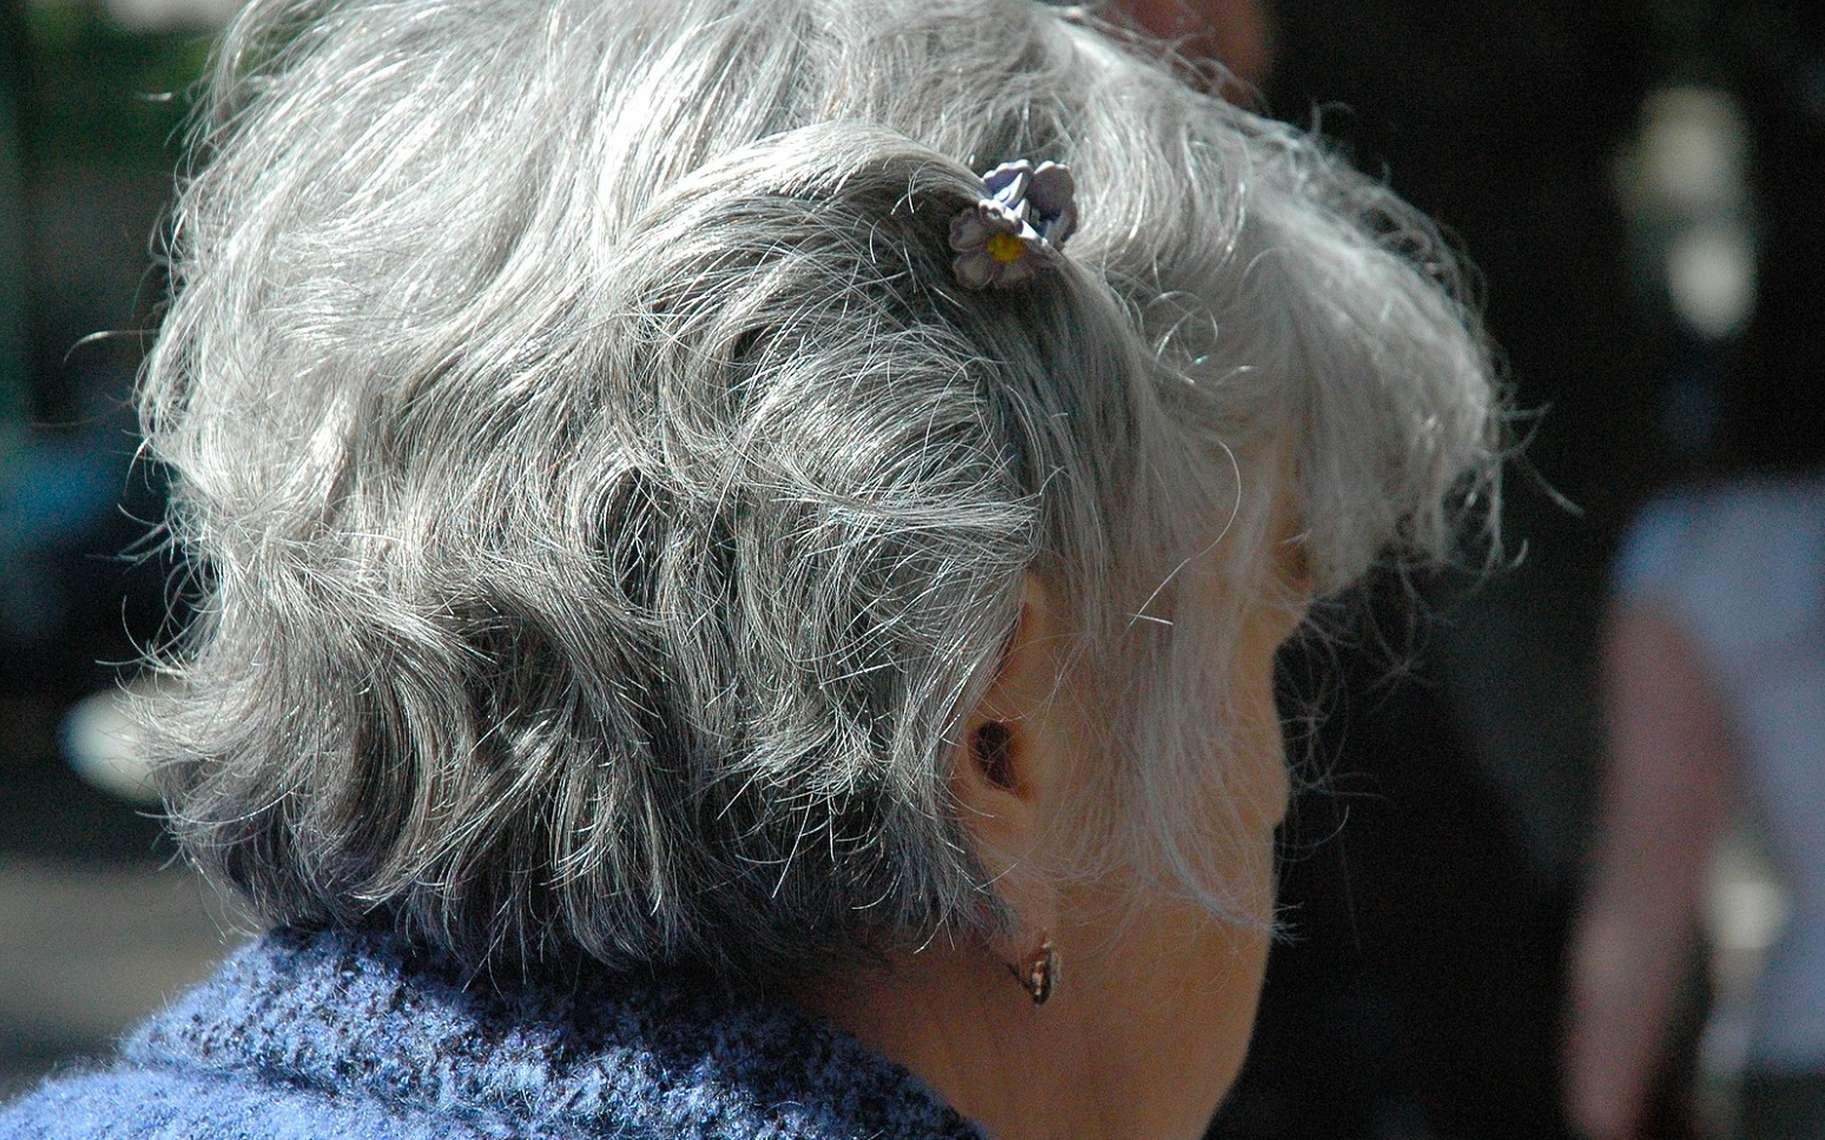 Le cerveau des personnes âgées adopte de nouvelles stratégies pour mobiliser la mémoire. © Julim6, Pixabay